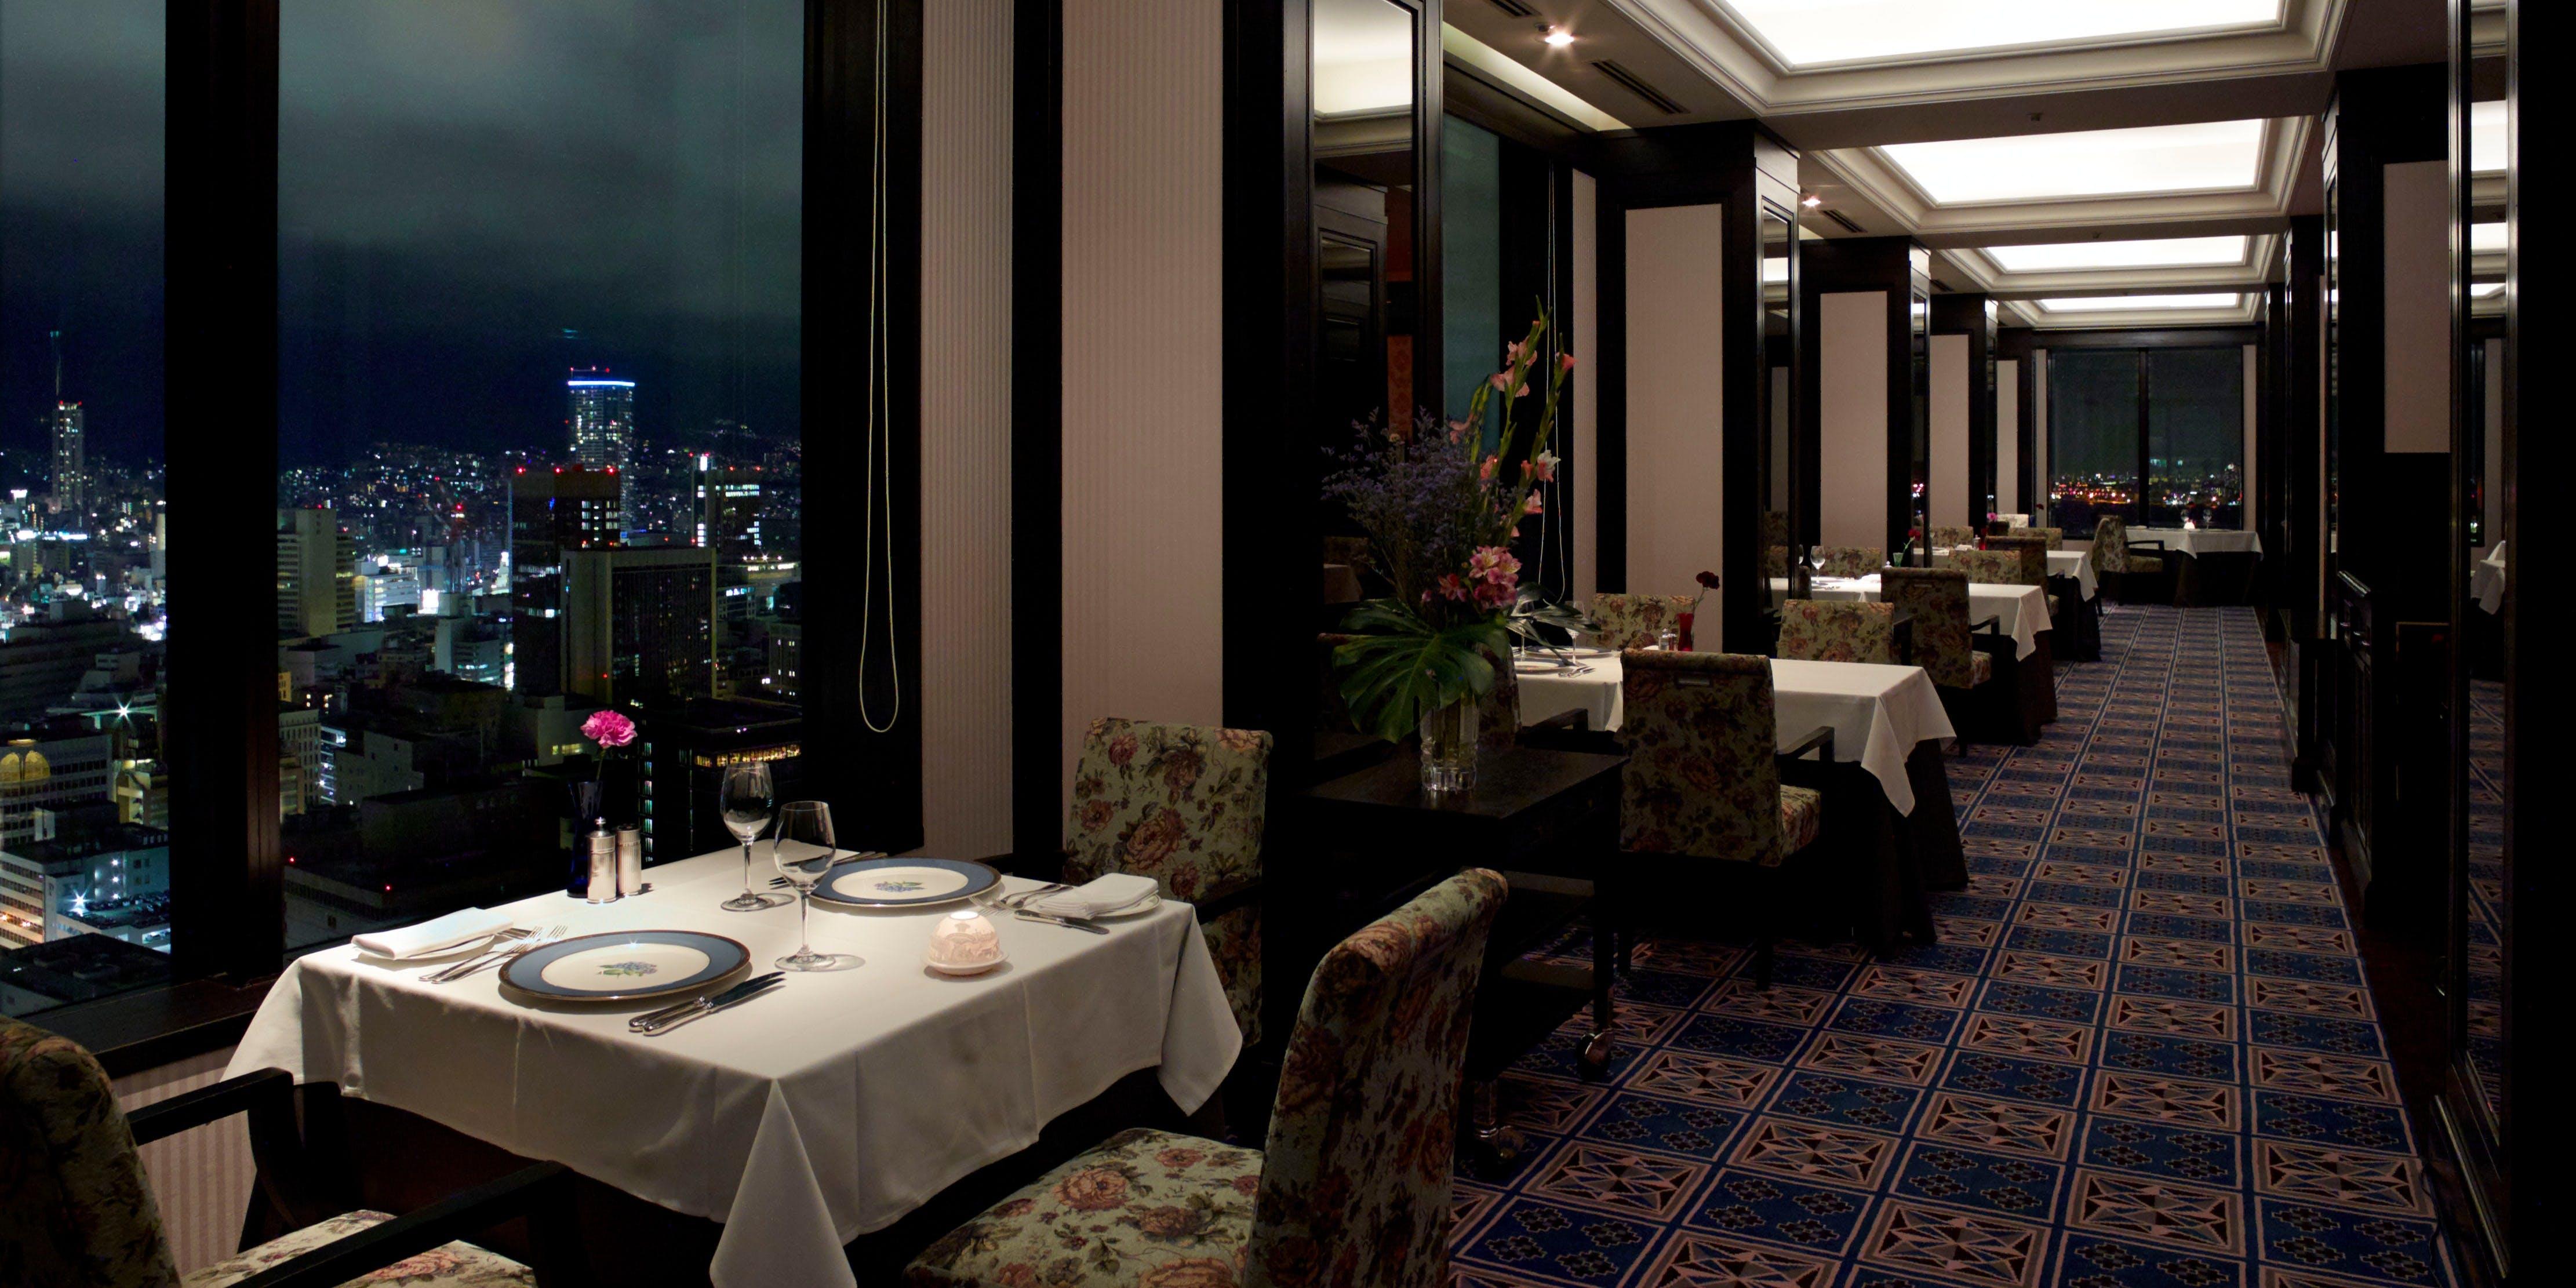 記念日におすすめのレストラン・レストラン エメラルド/ホテルオークラ神戸の写真2